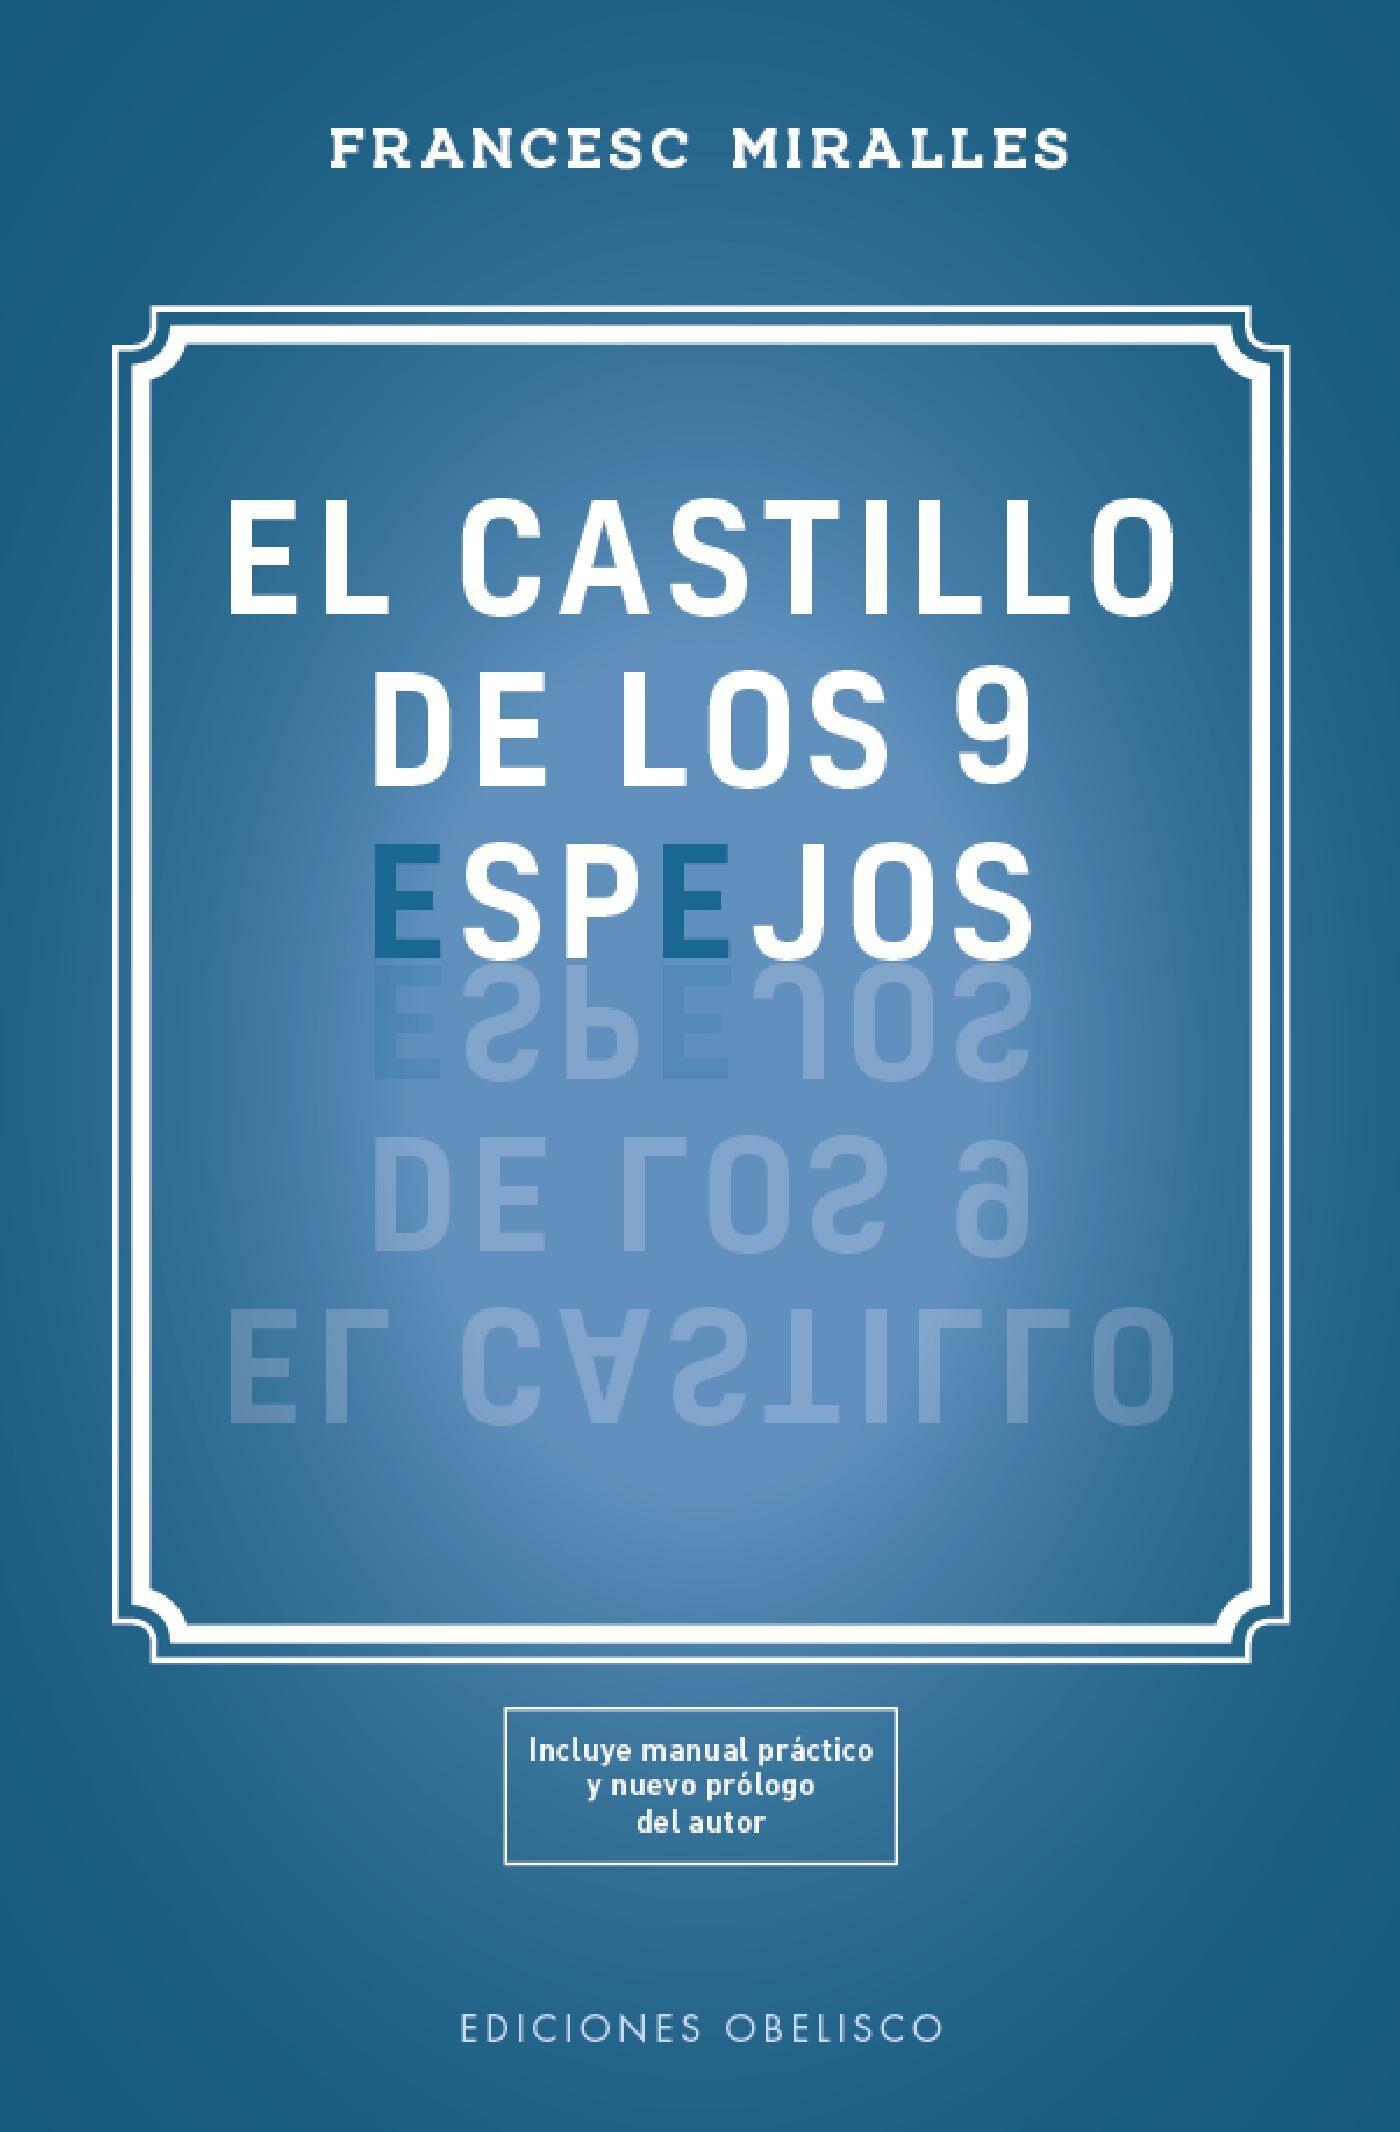 El castillo de los 9 espejos (ebook)